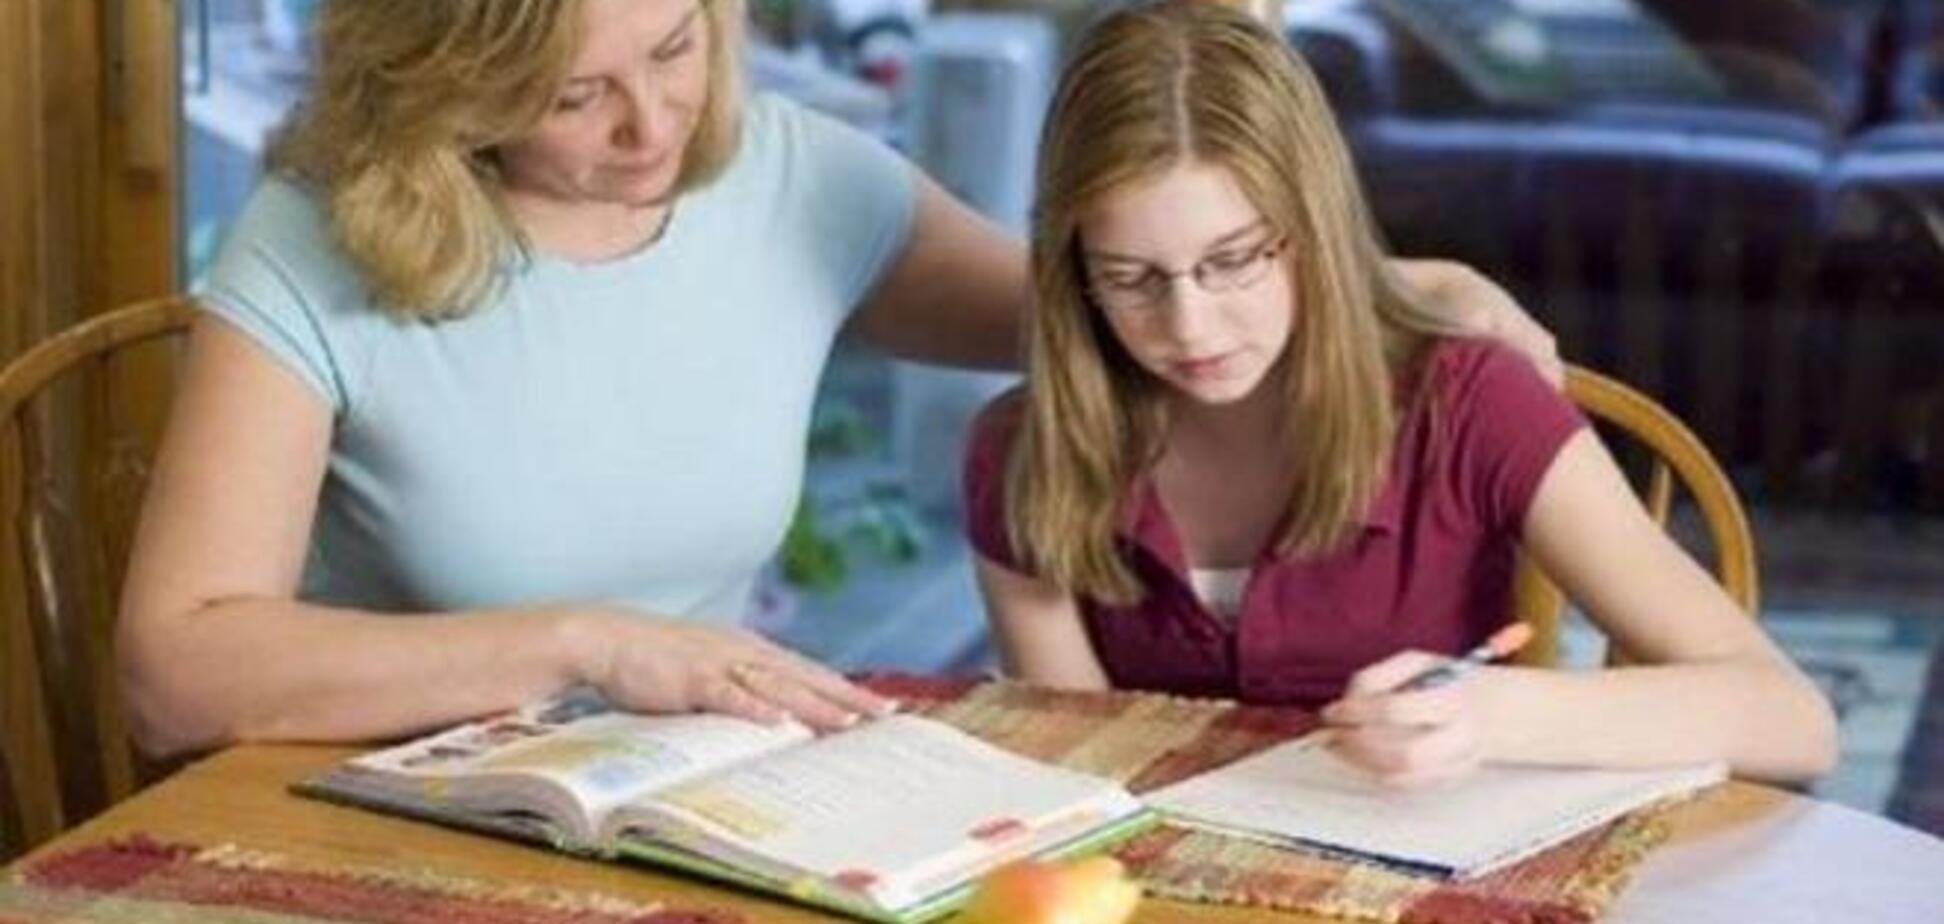 Екстернат як стиль життя: дати дитині гарну освіту можна вдома